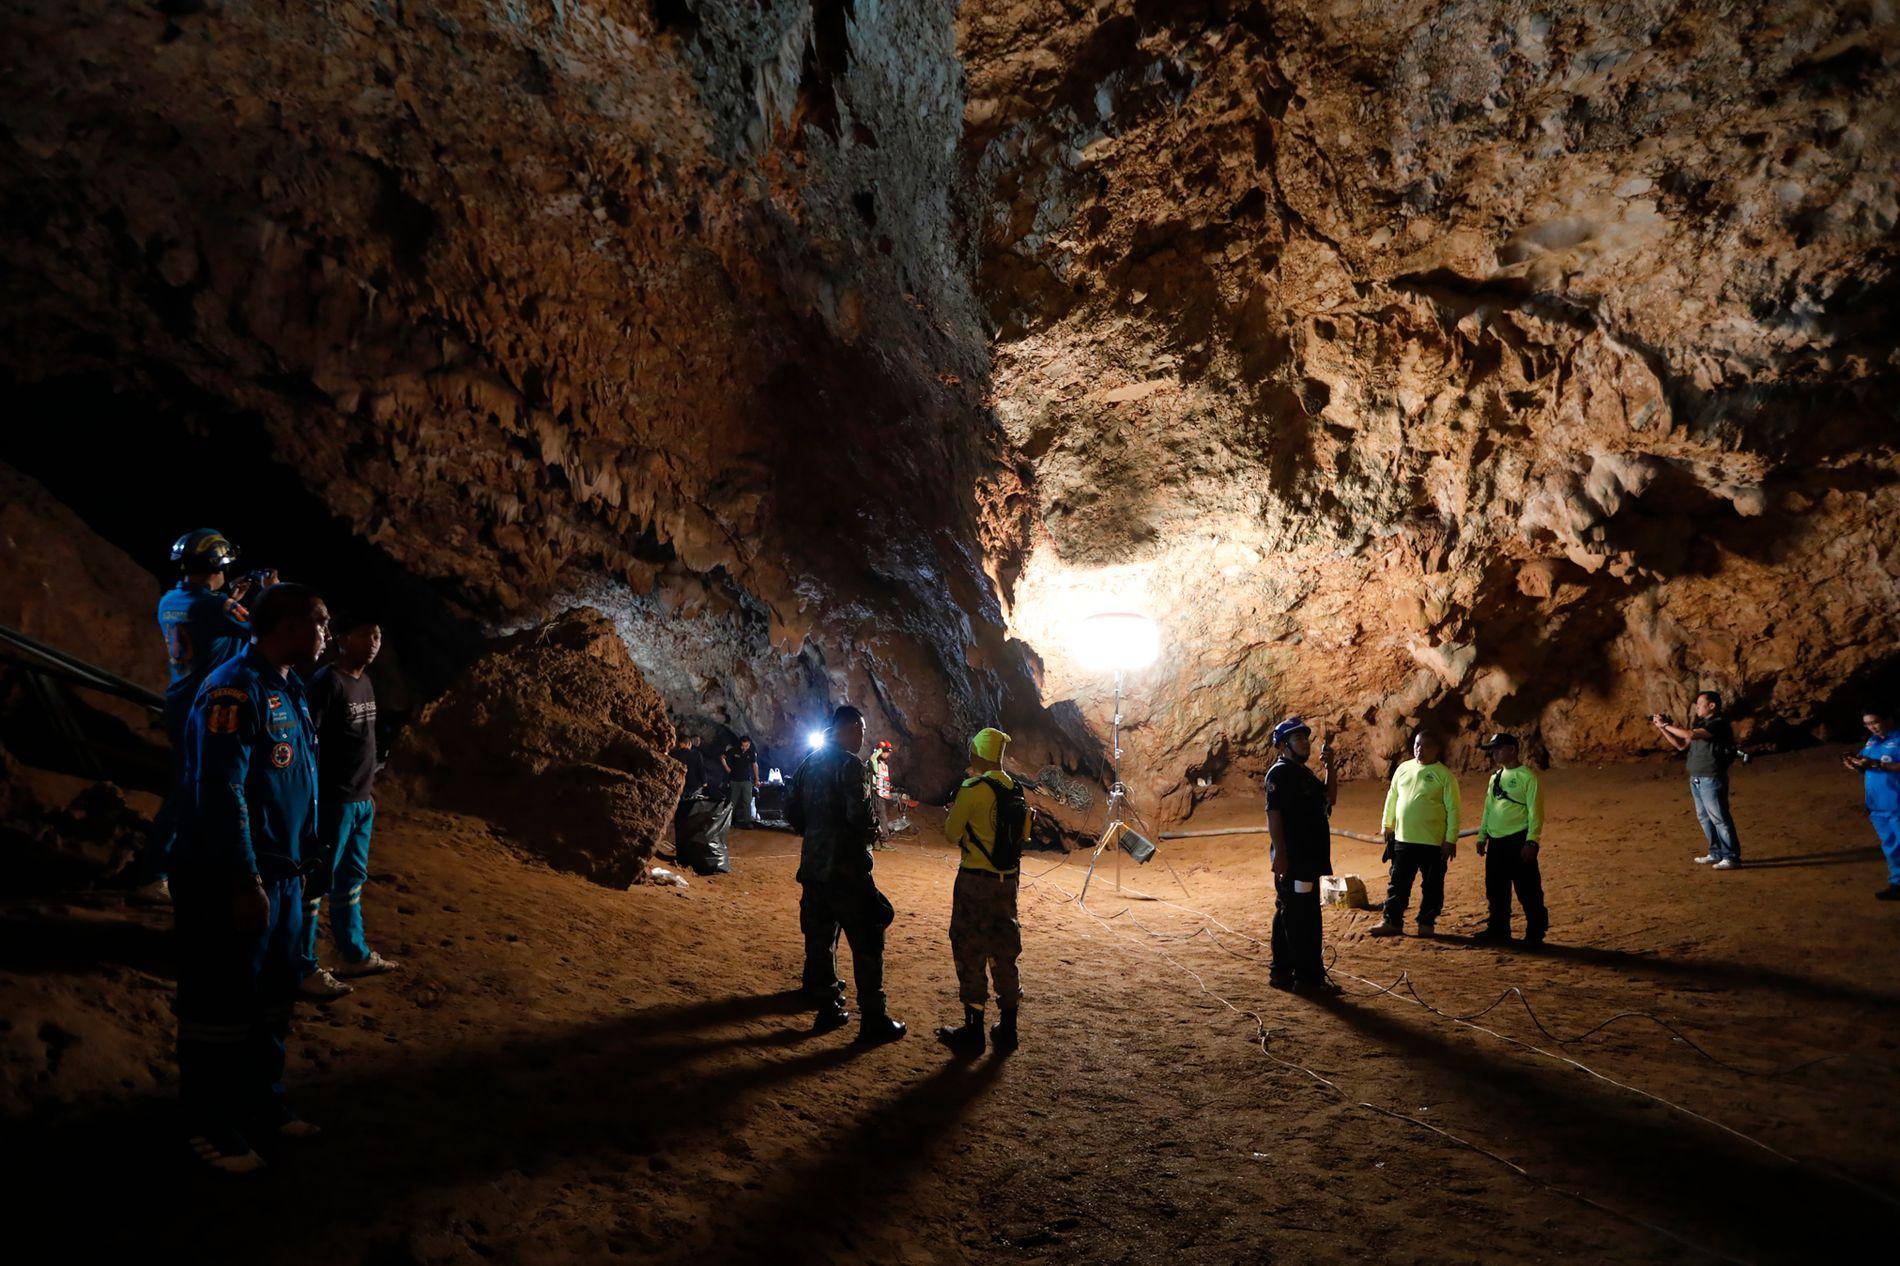 REDNINGSAKSJON: Innsatsstyrkene satser på å få berget de siste personene ut av grotten i dag.